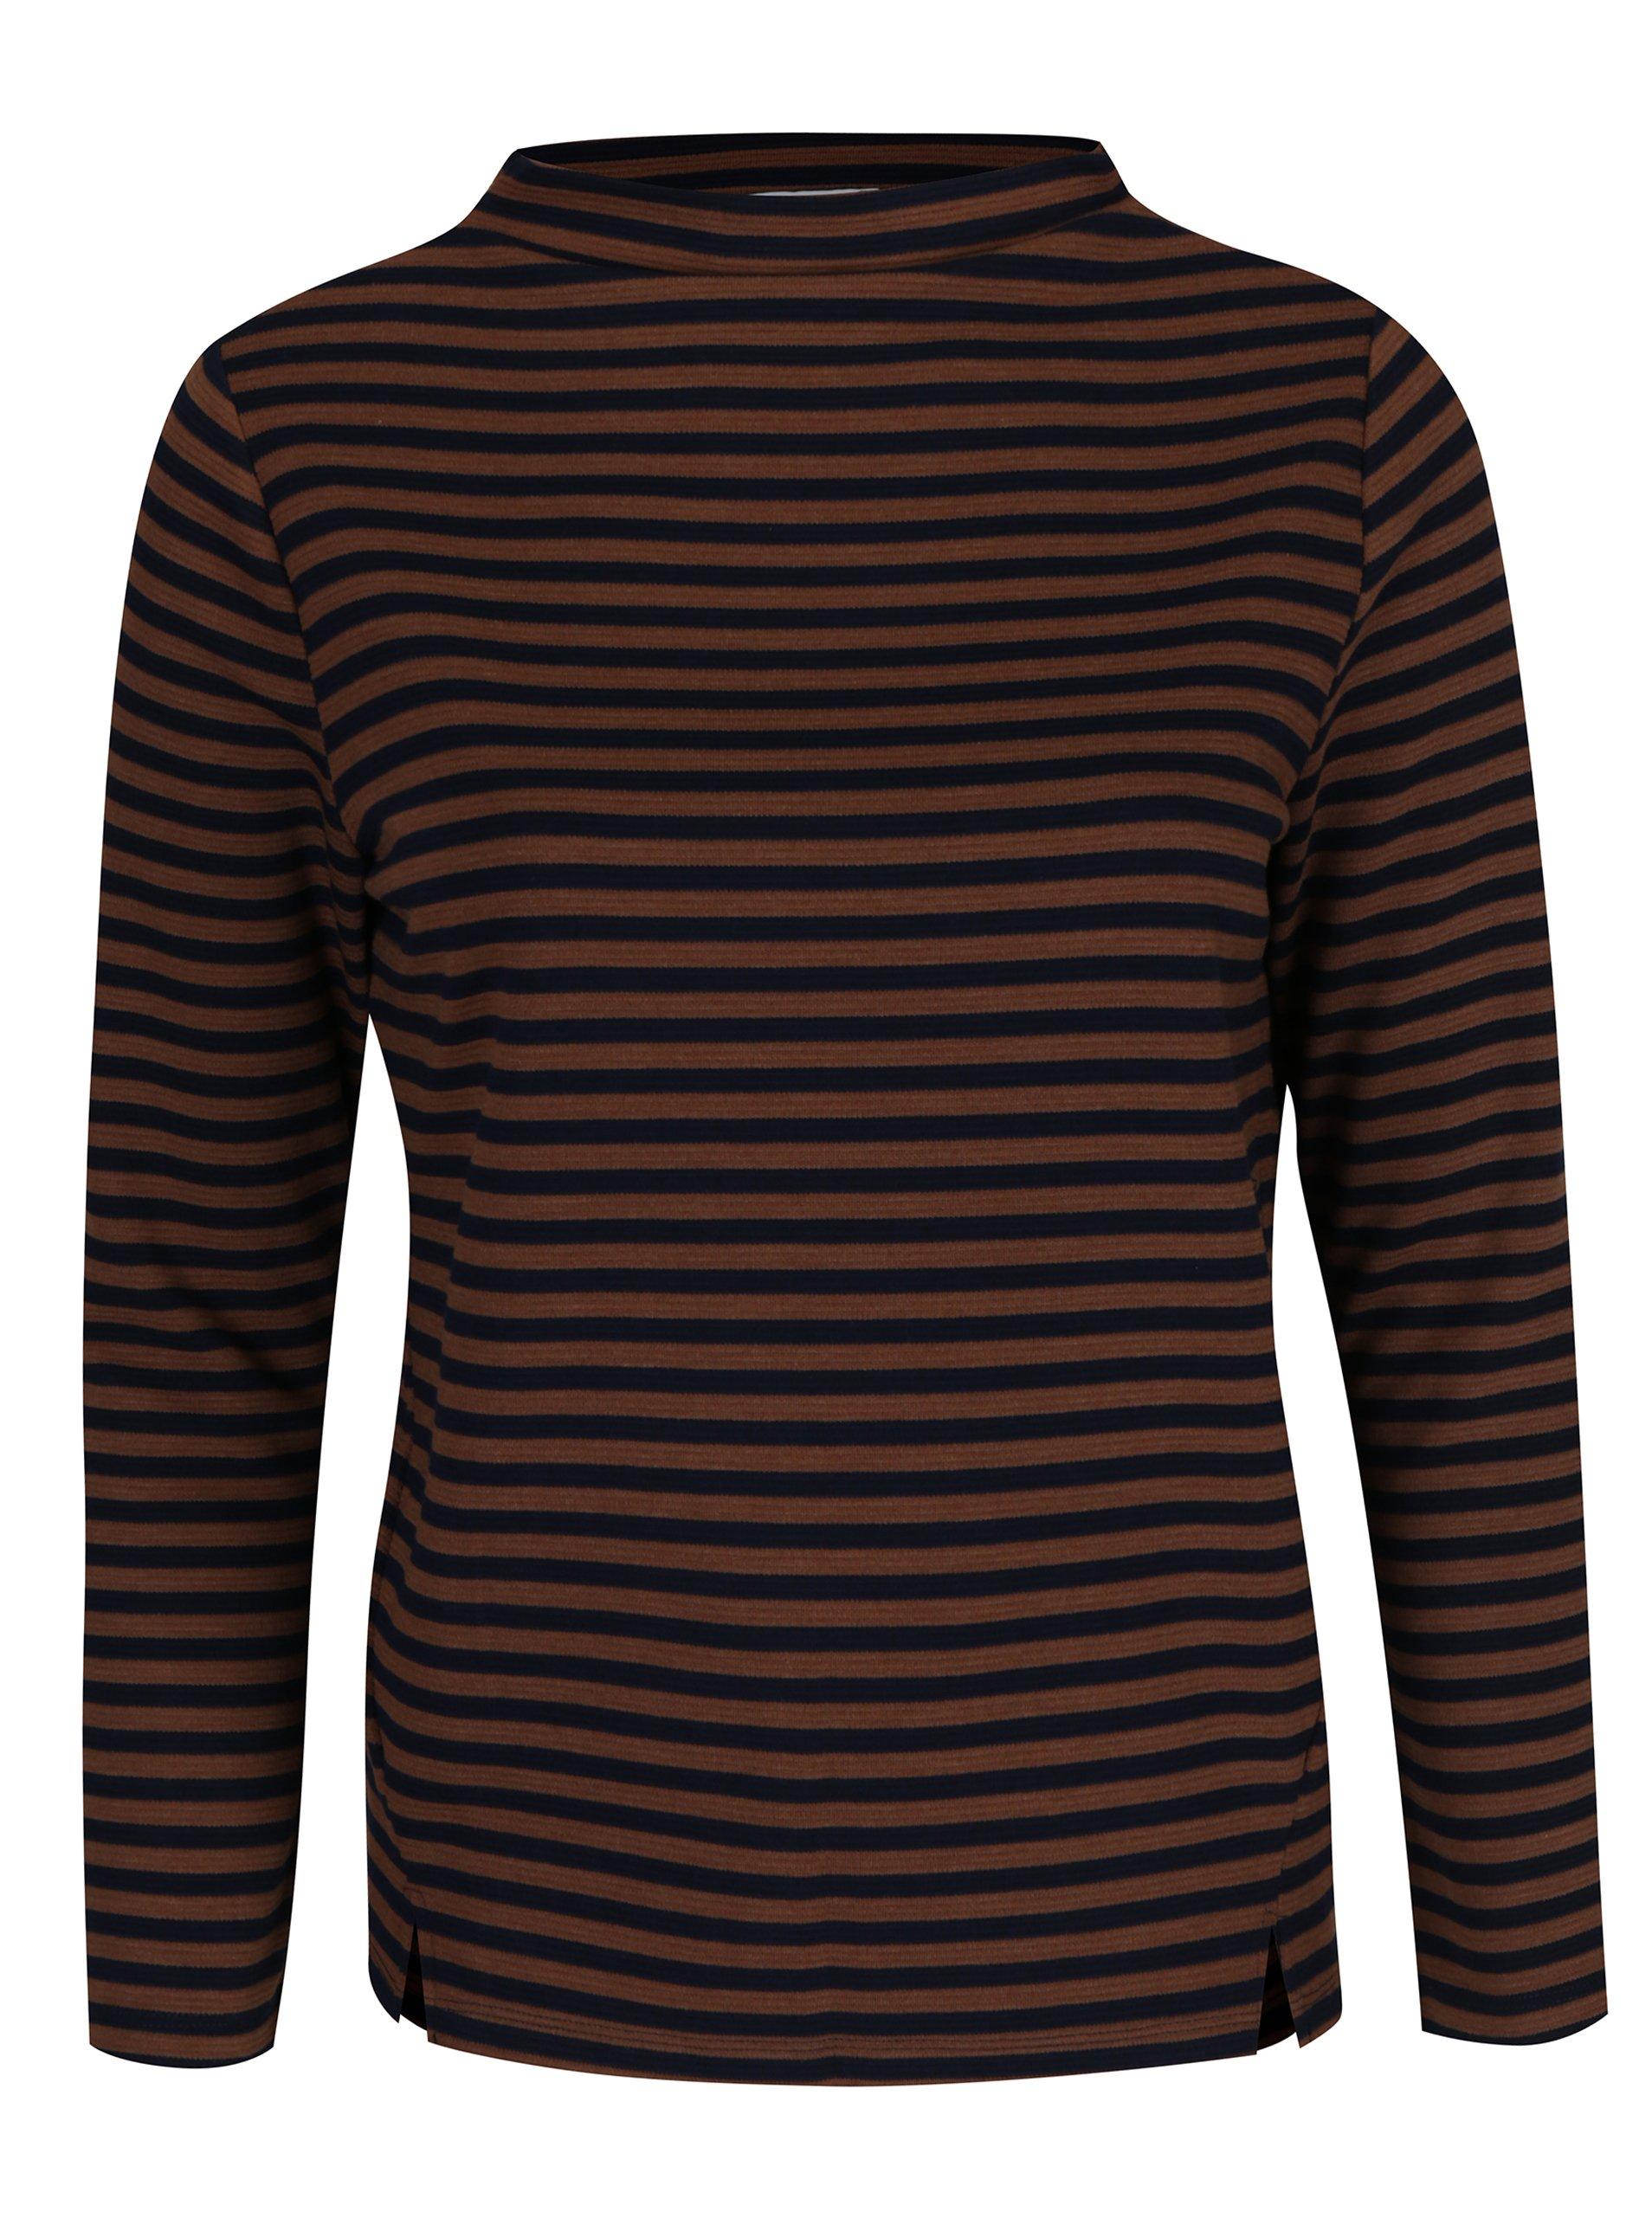 Modro-hnědé pruhované tričko s dlouhým rukávem Gina Laura